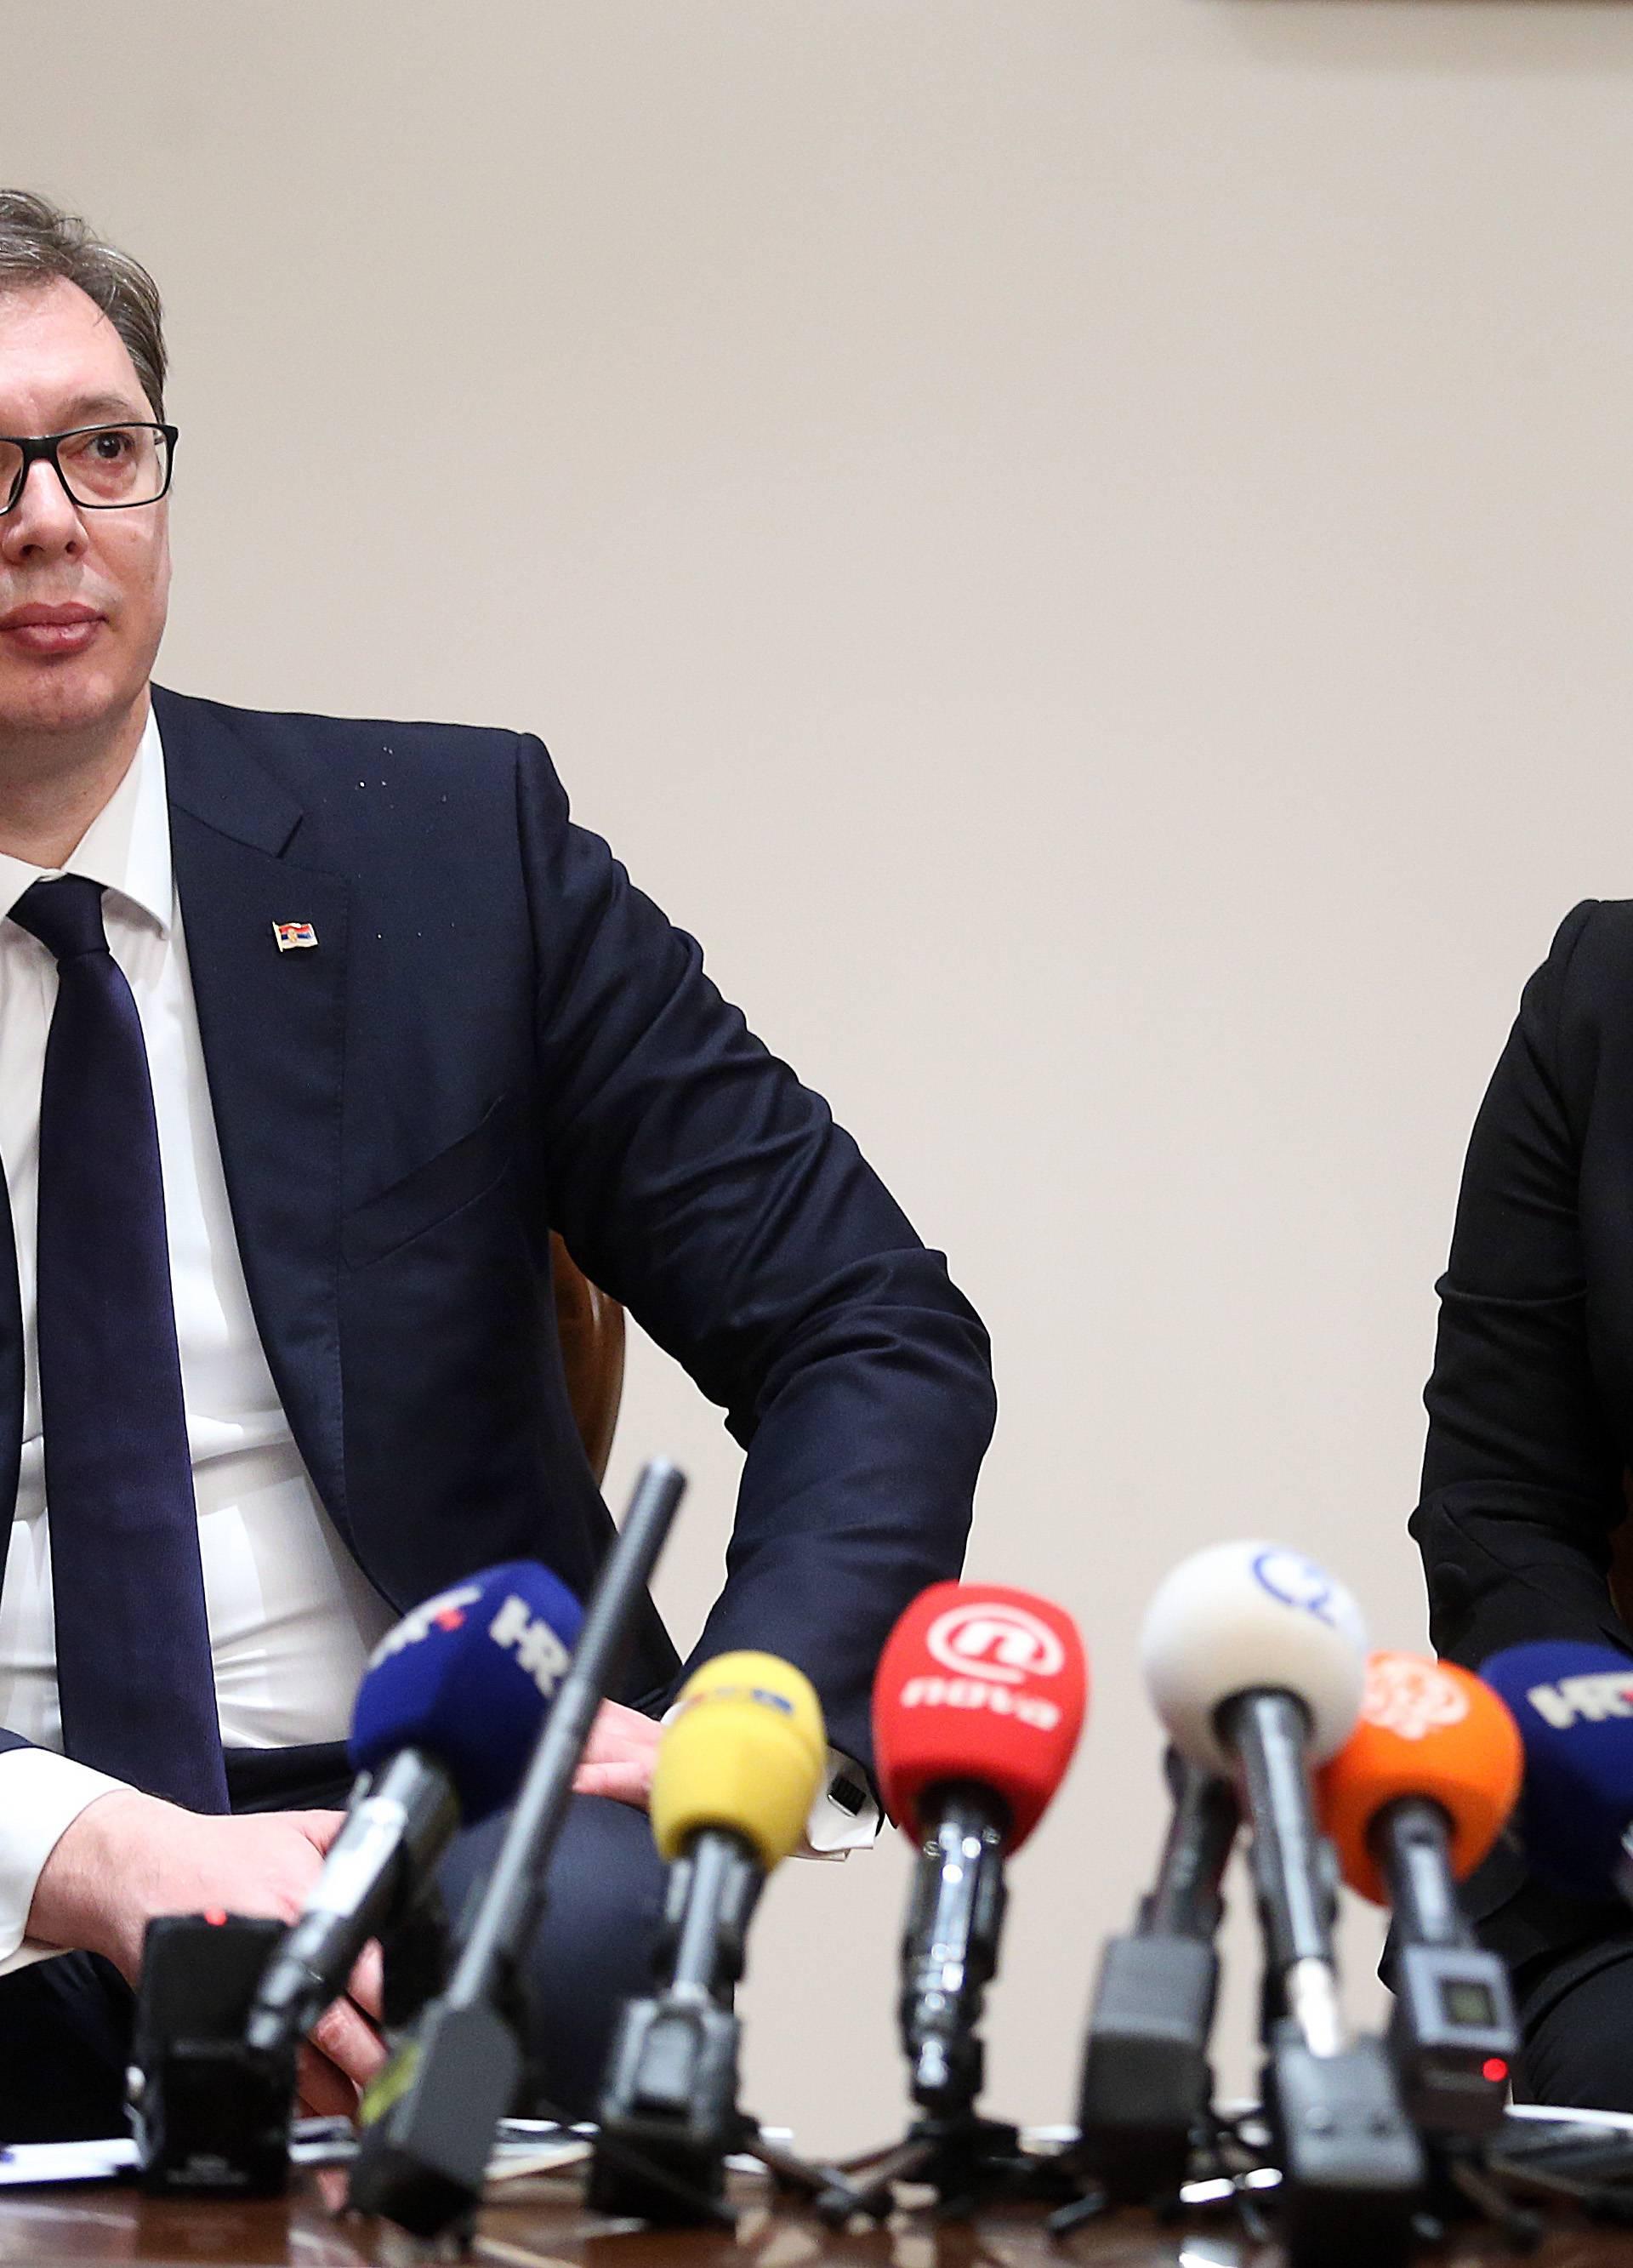 Srpski mediji o posjetu Vučića: Složni da se o ničemu ne slažu